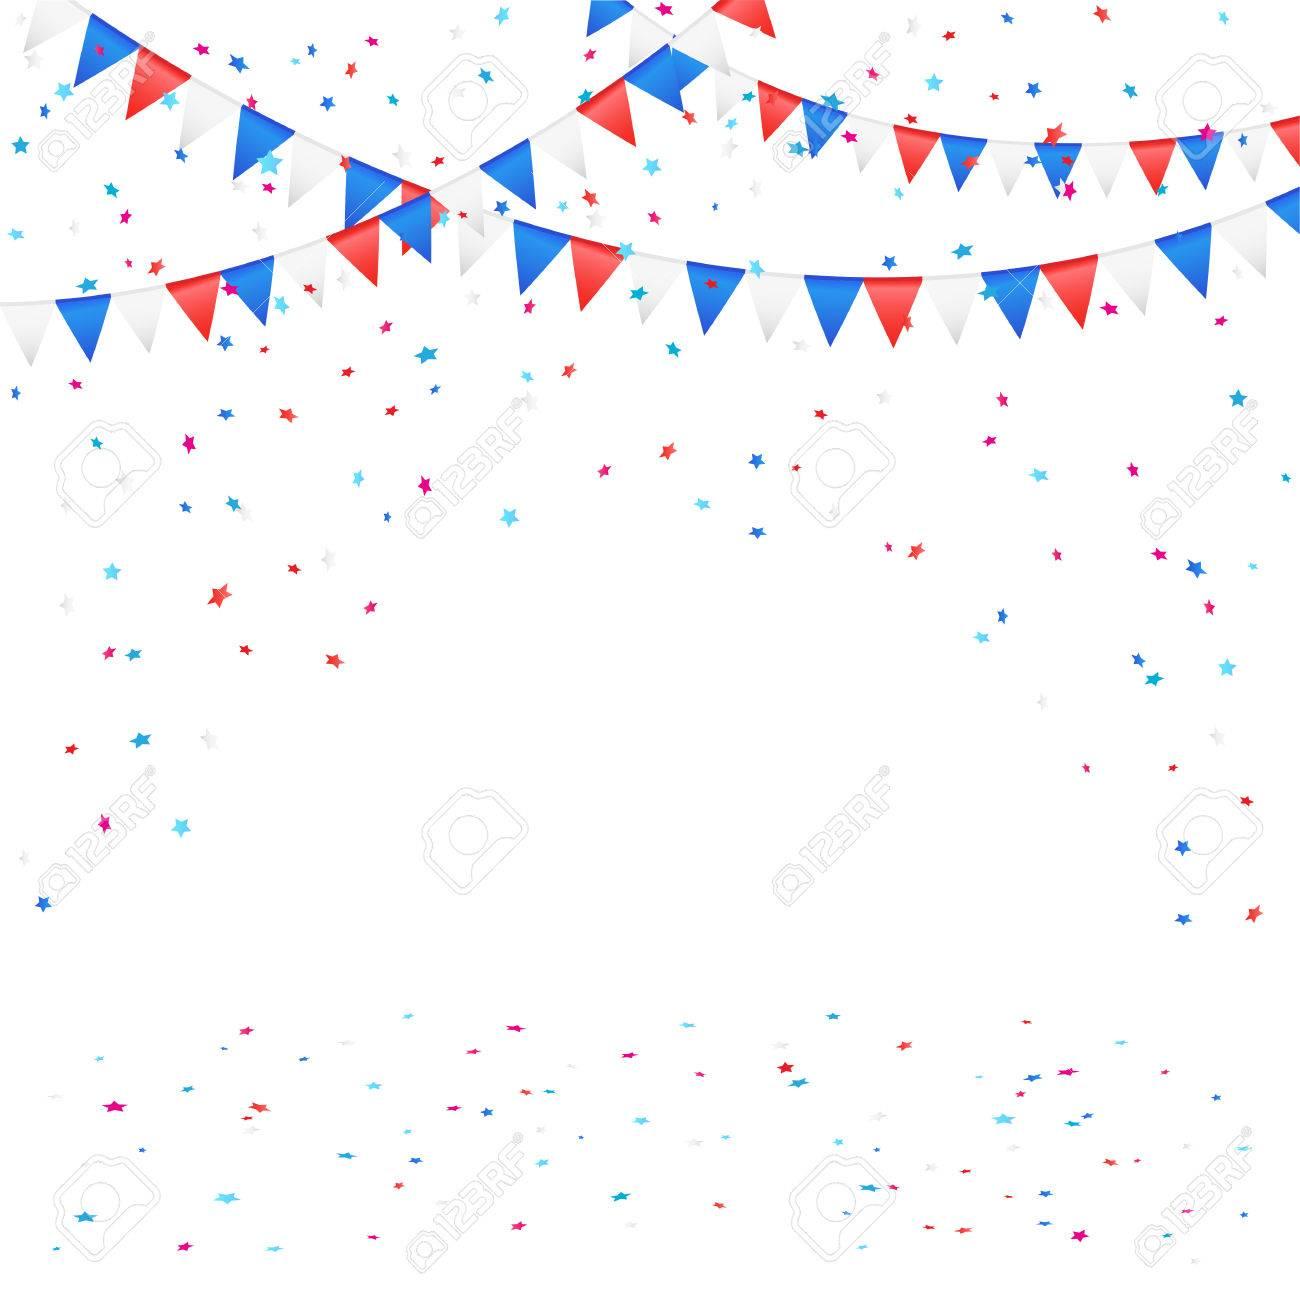 独立記念日の背景色のペナントと紙吹雪、イラストに ロイヤリティフリー